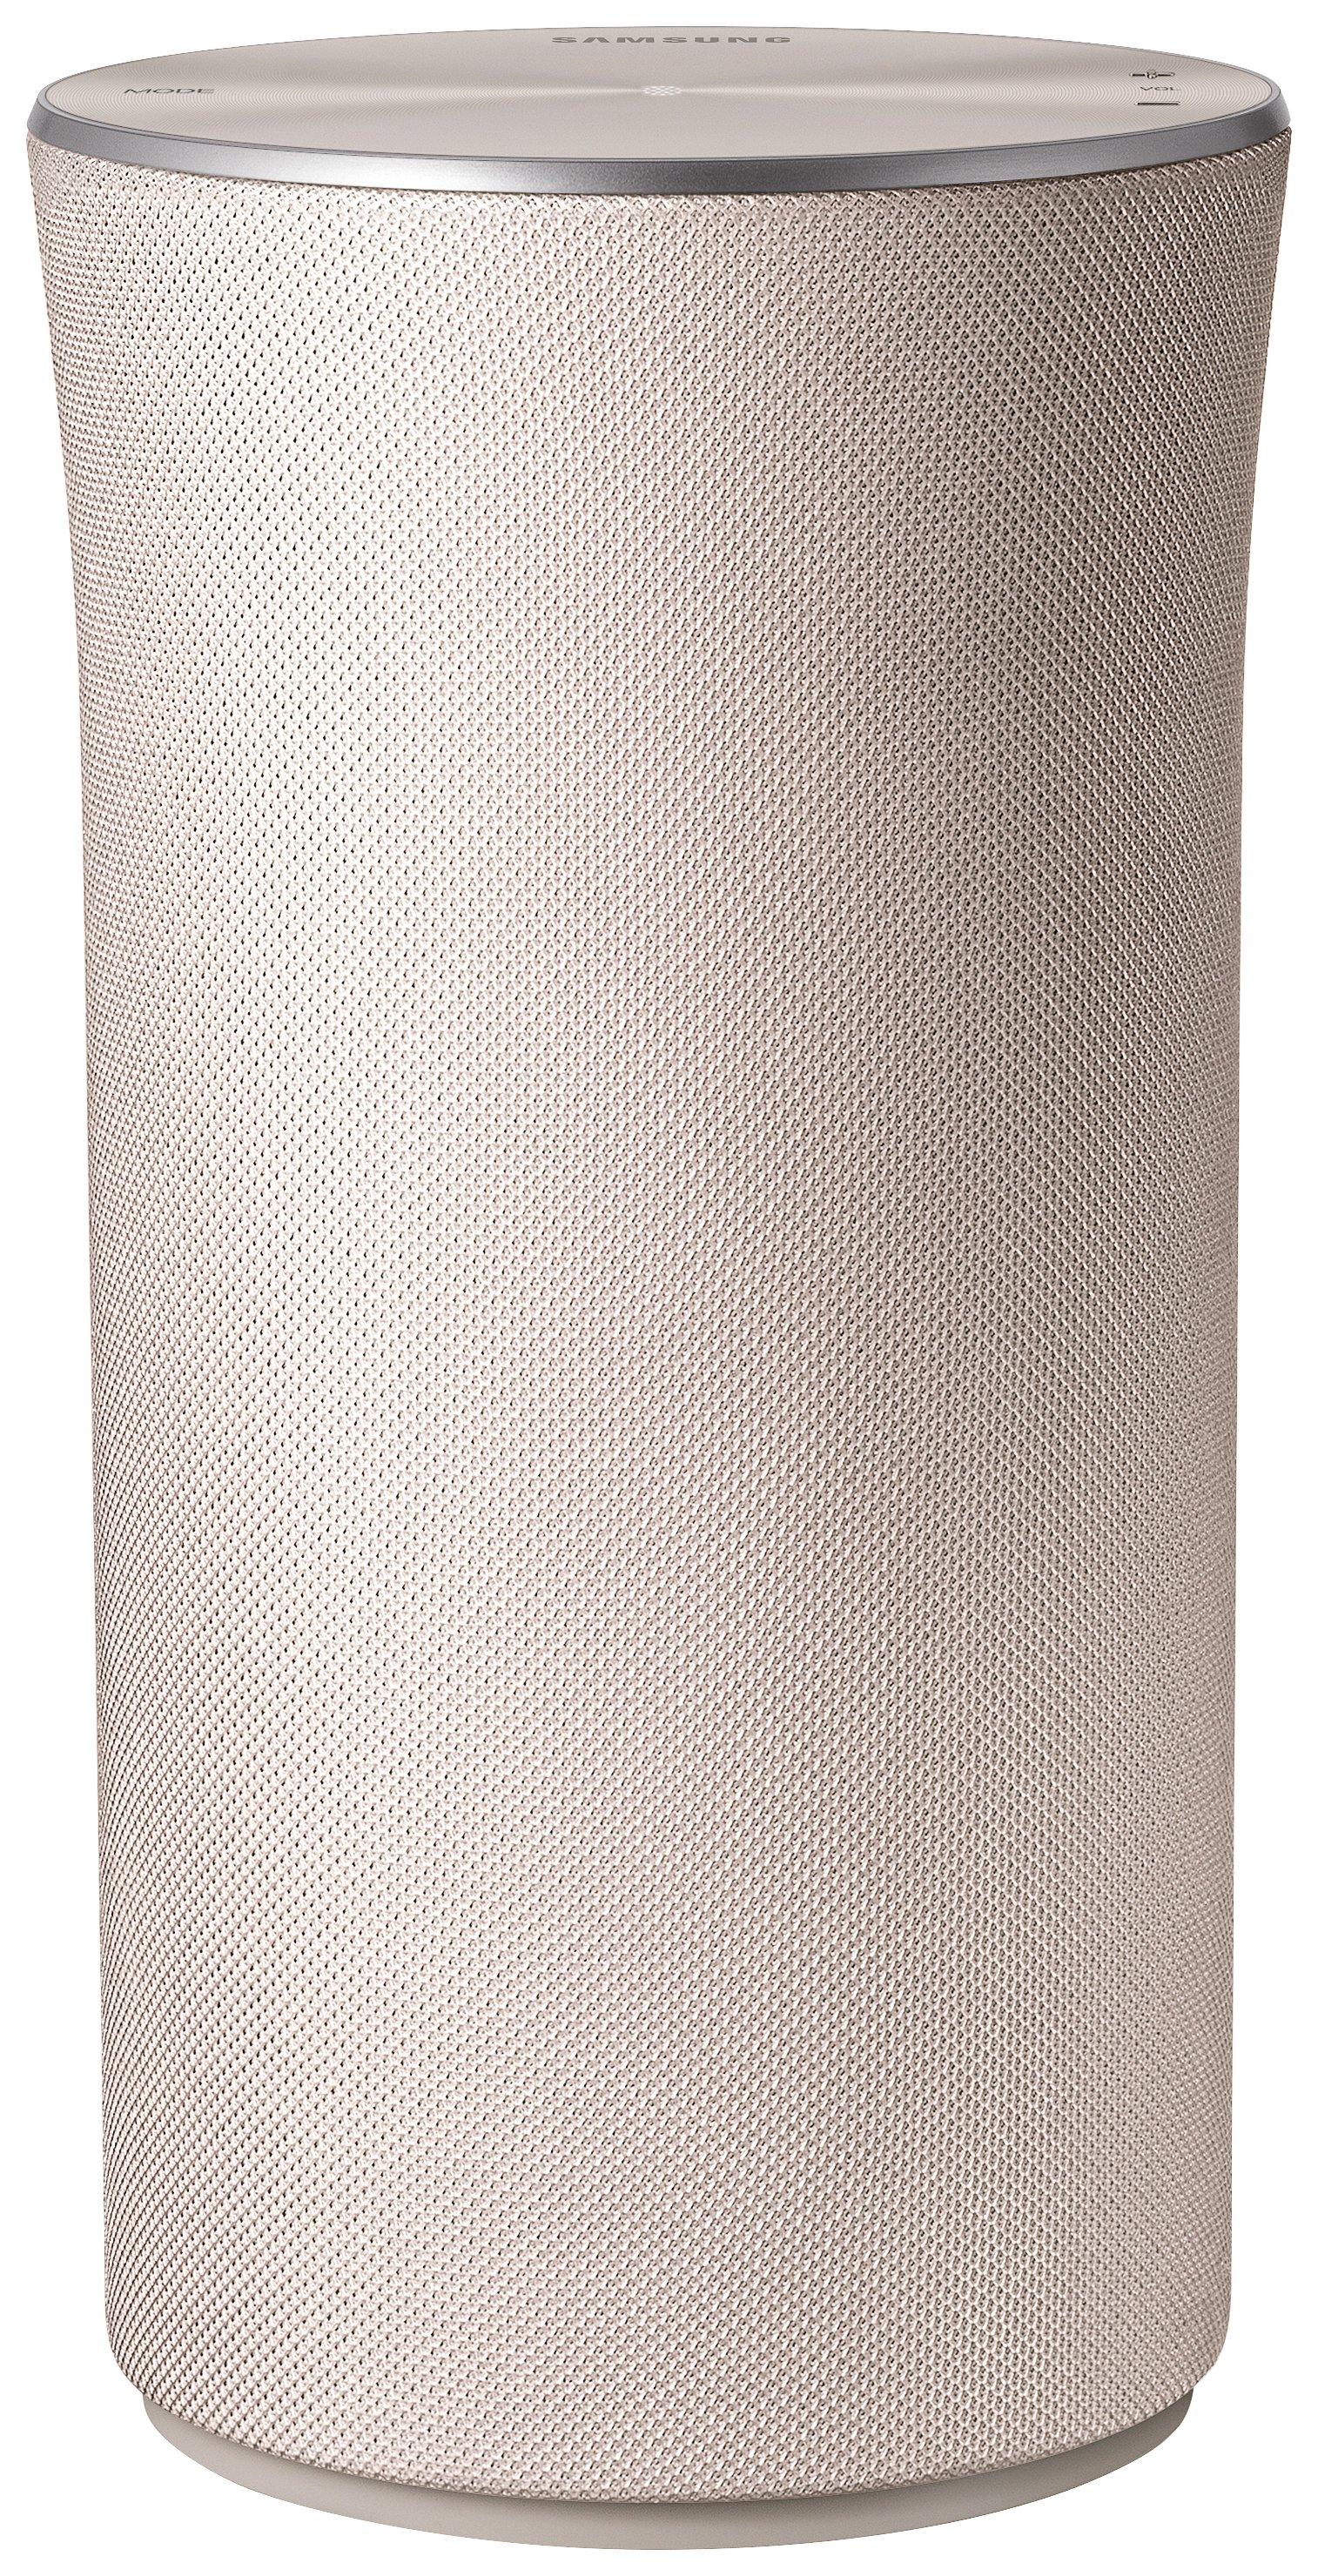 samsung-r1-360-sound-wireless-speaker-ivy